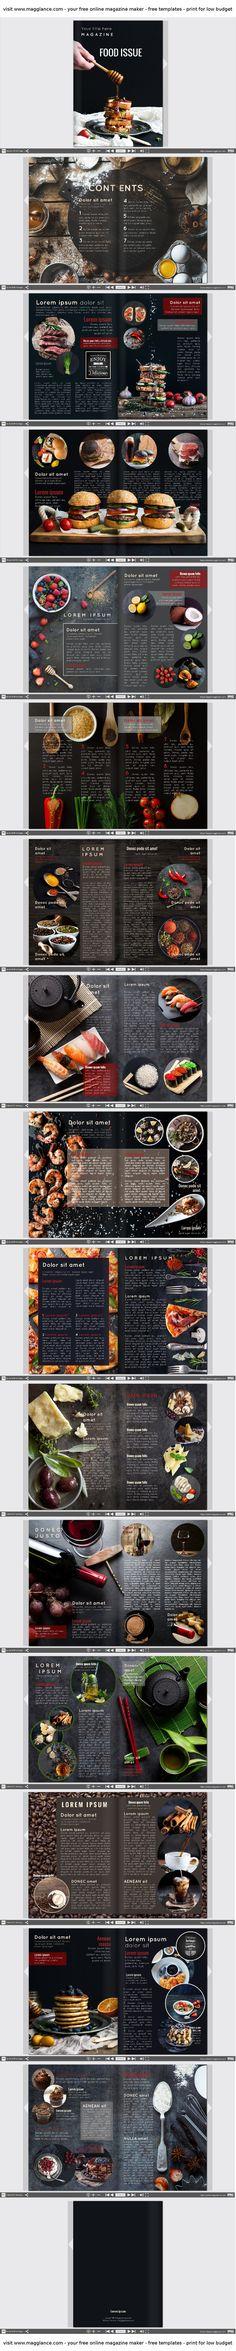 Créer gratuitement un rivista en ligne et l'imprimer à petit prix en cliquant sur  https://it.magglance.com/rivista/crea-rivista #rivista #rivista #modèle #design #échantillon #exemple #Template #façonner #créer #cadeau #mise en page #idée